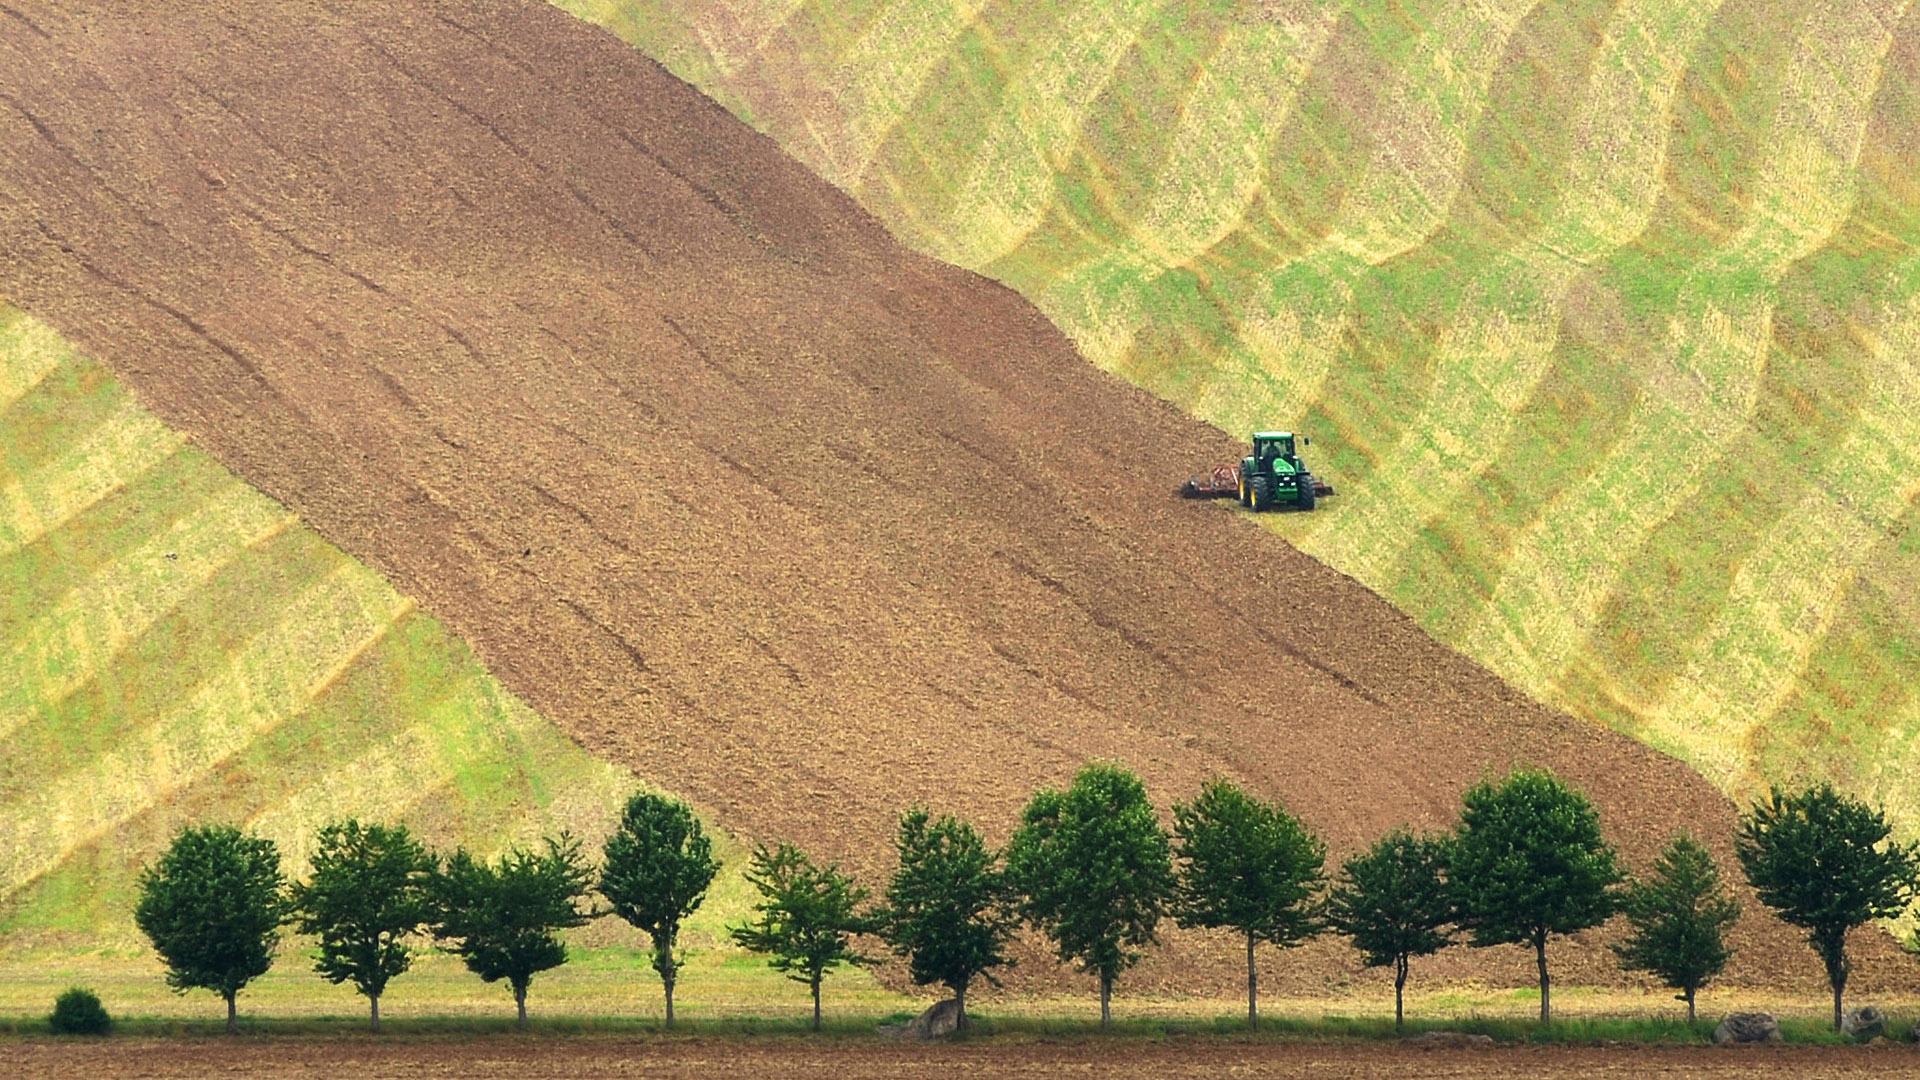 Felder mit Traktor